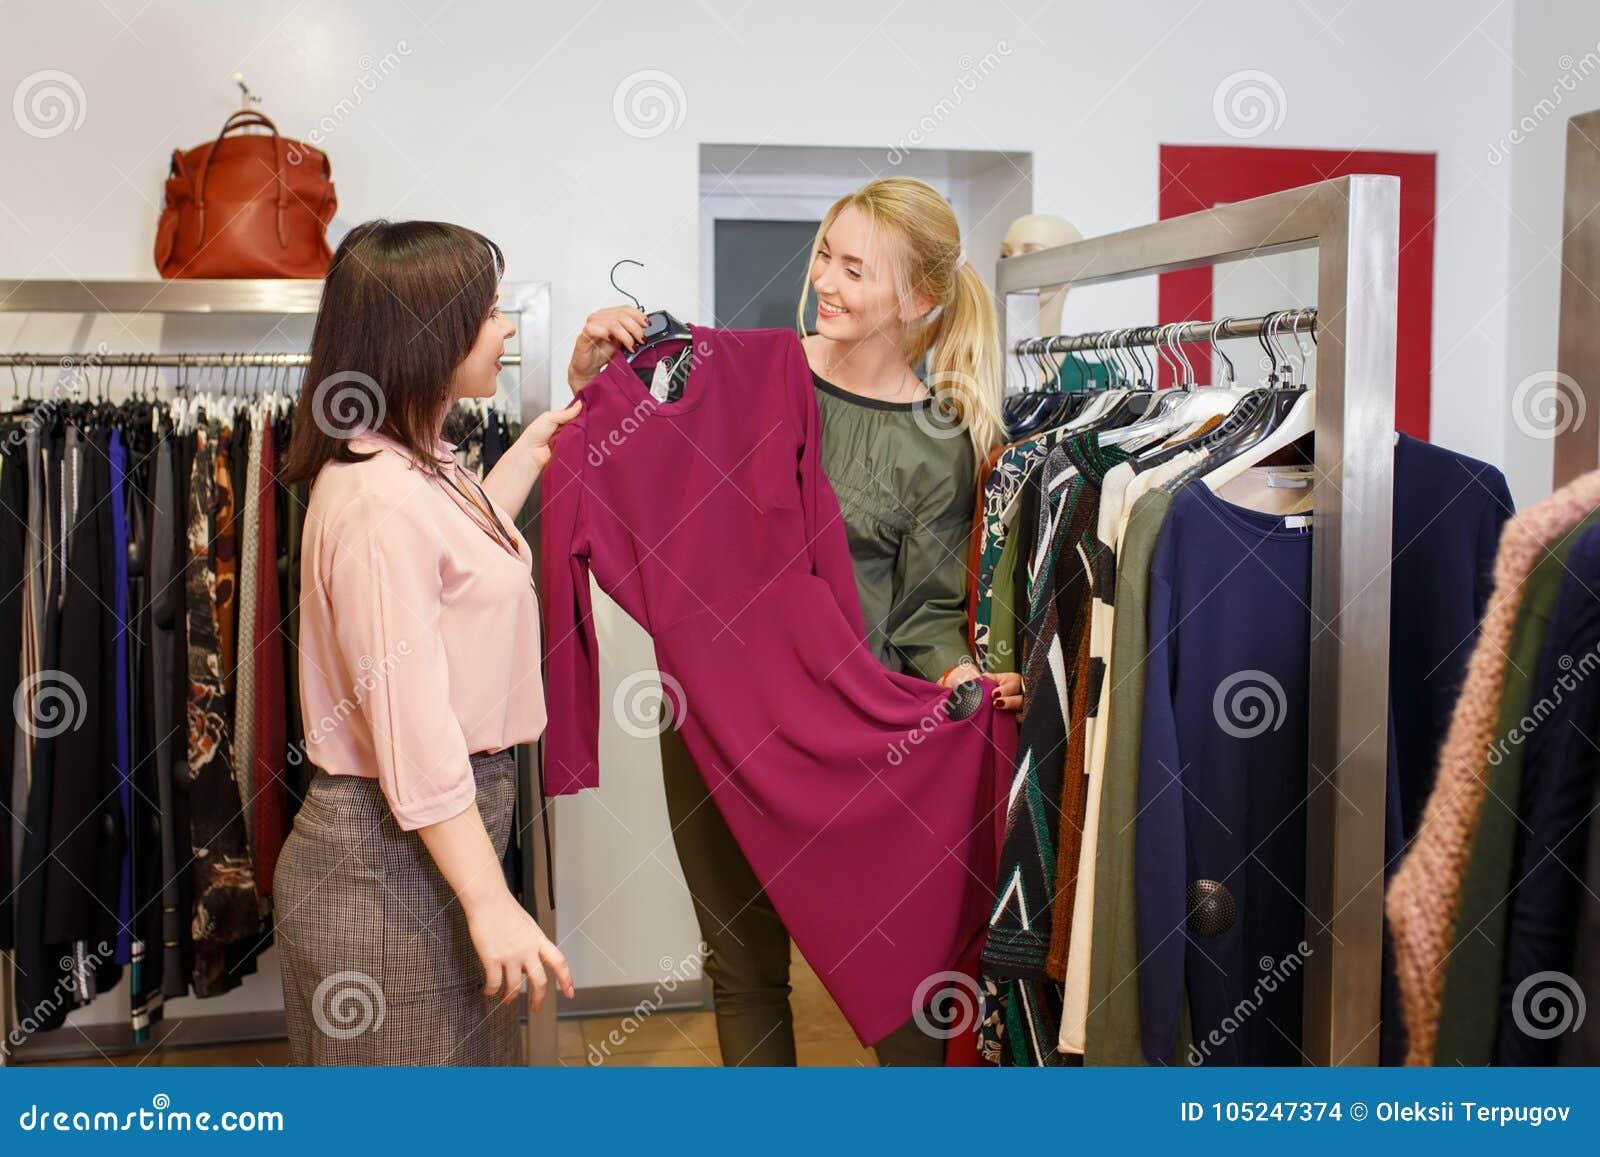 Stilist het helpen kiest kleding voor de klant